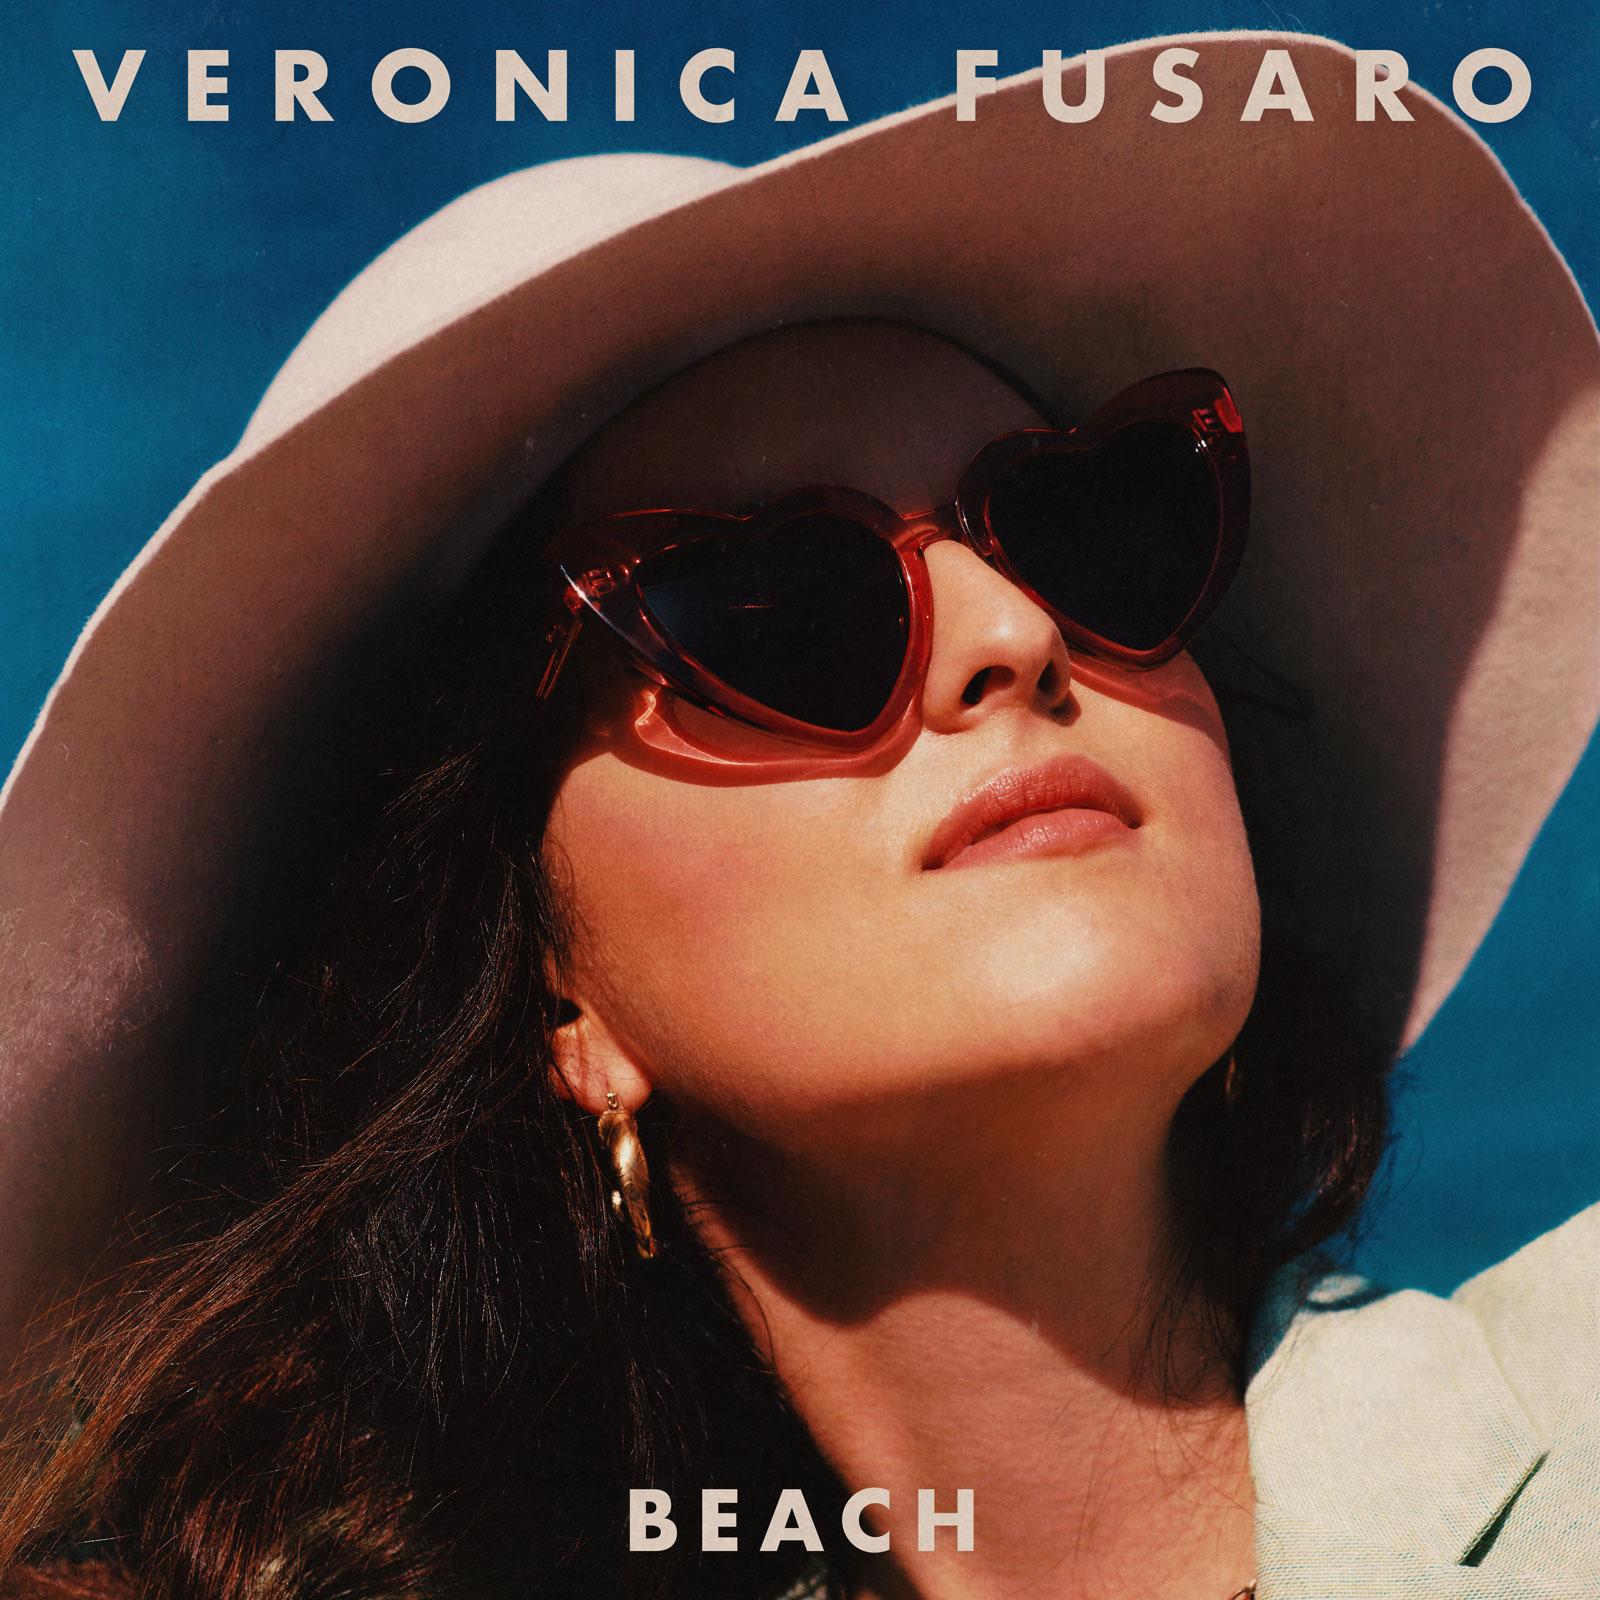 VeronicaFusaro Beach Artcover